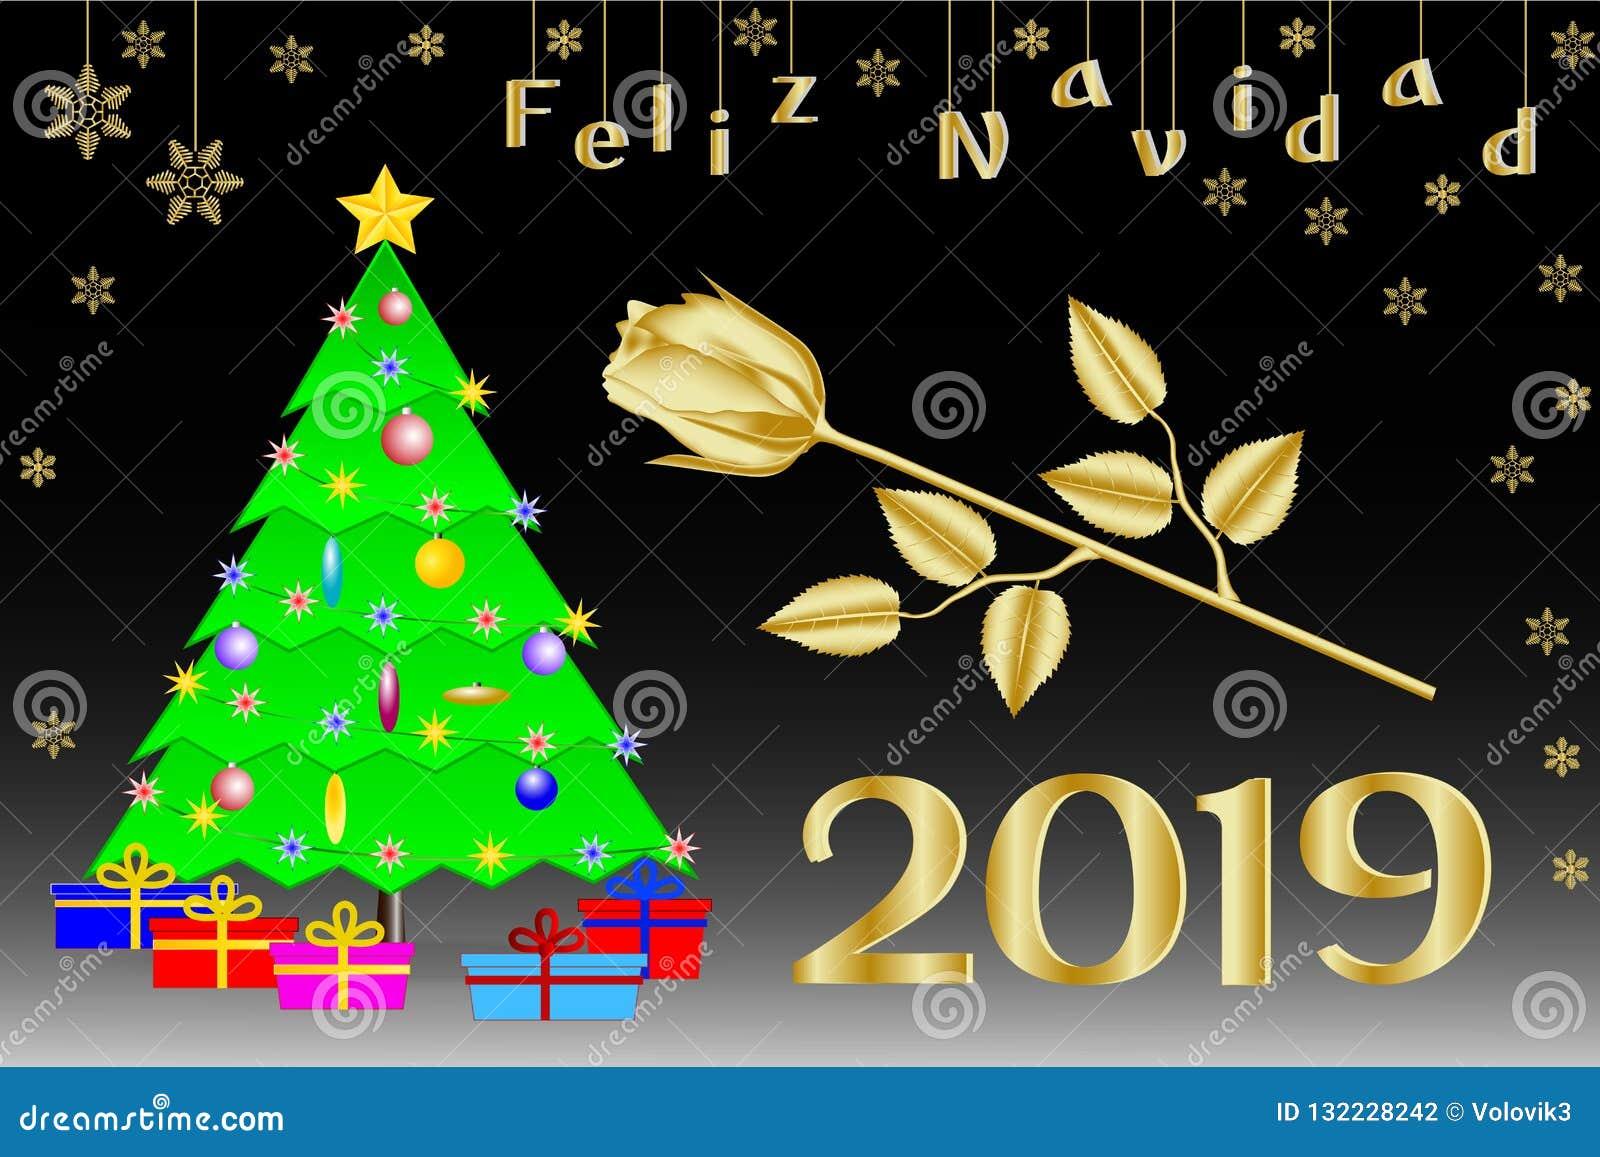 Enhorabuena en la Navidad 2019 en español Árbol de navidad con una estrella cinco-acentuada de oro, regalos y una rosa de oro